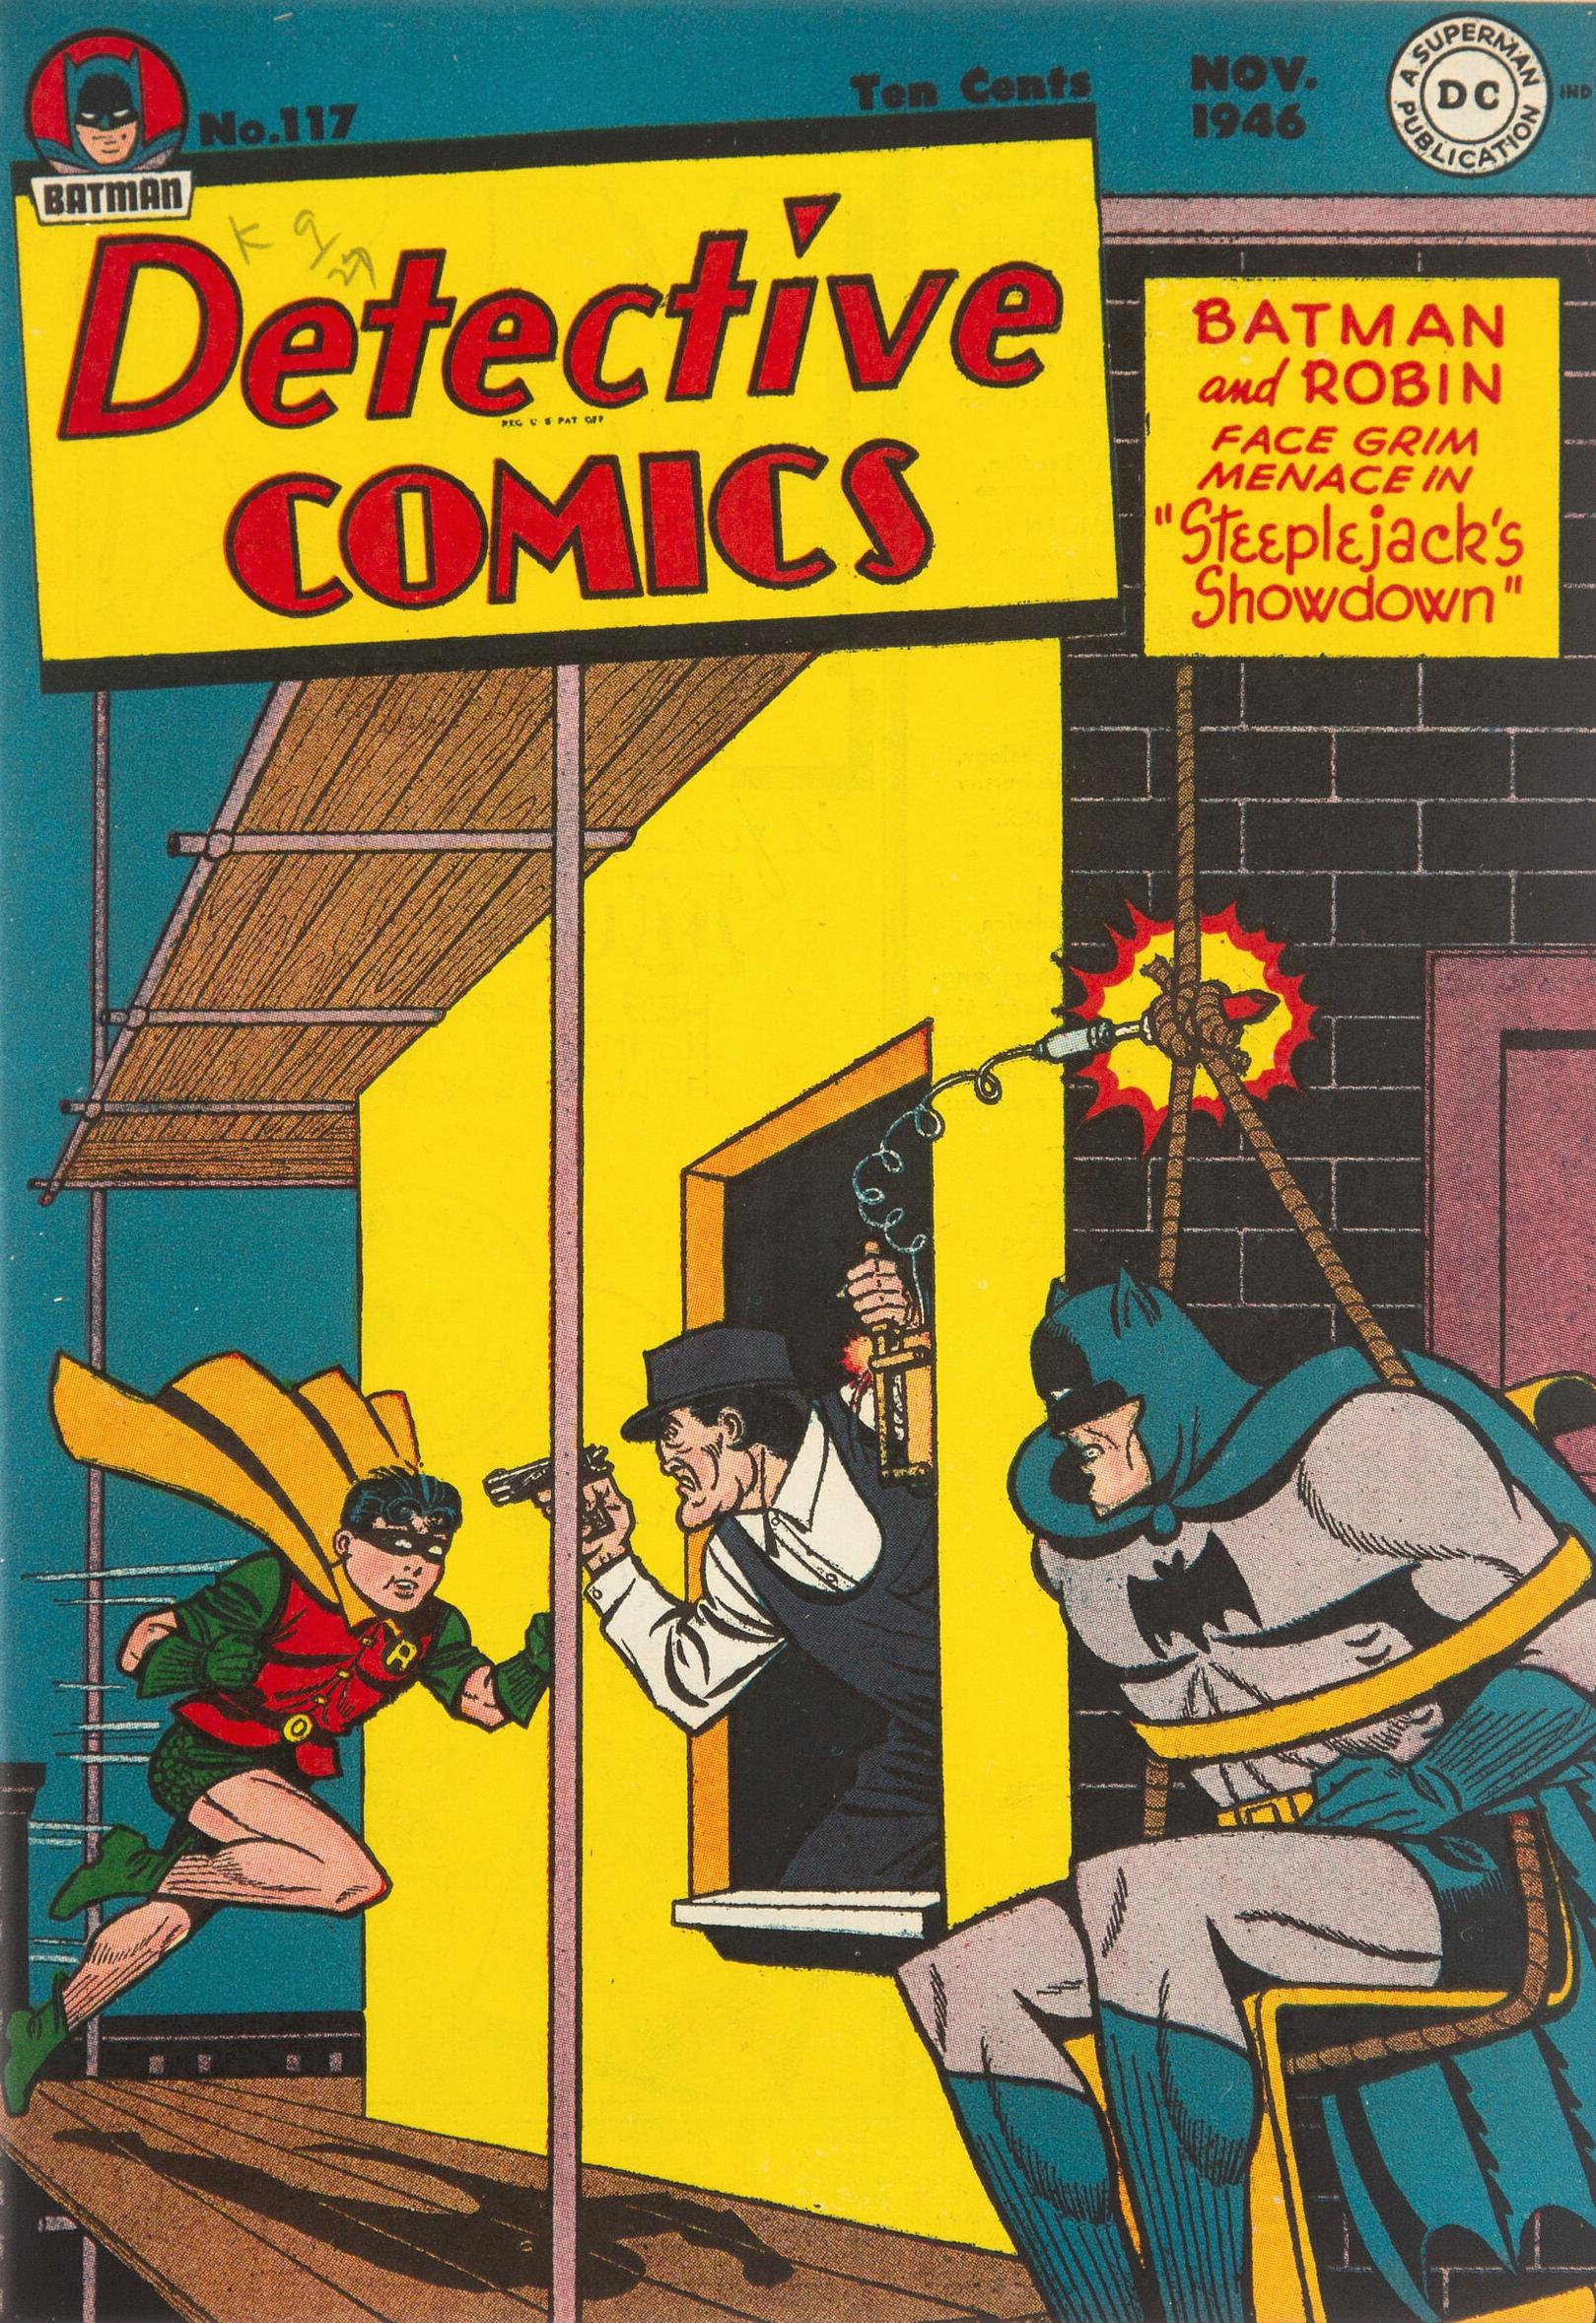 Detective Comics Vol 1 117